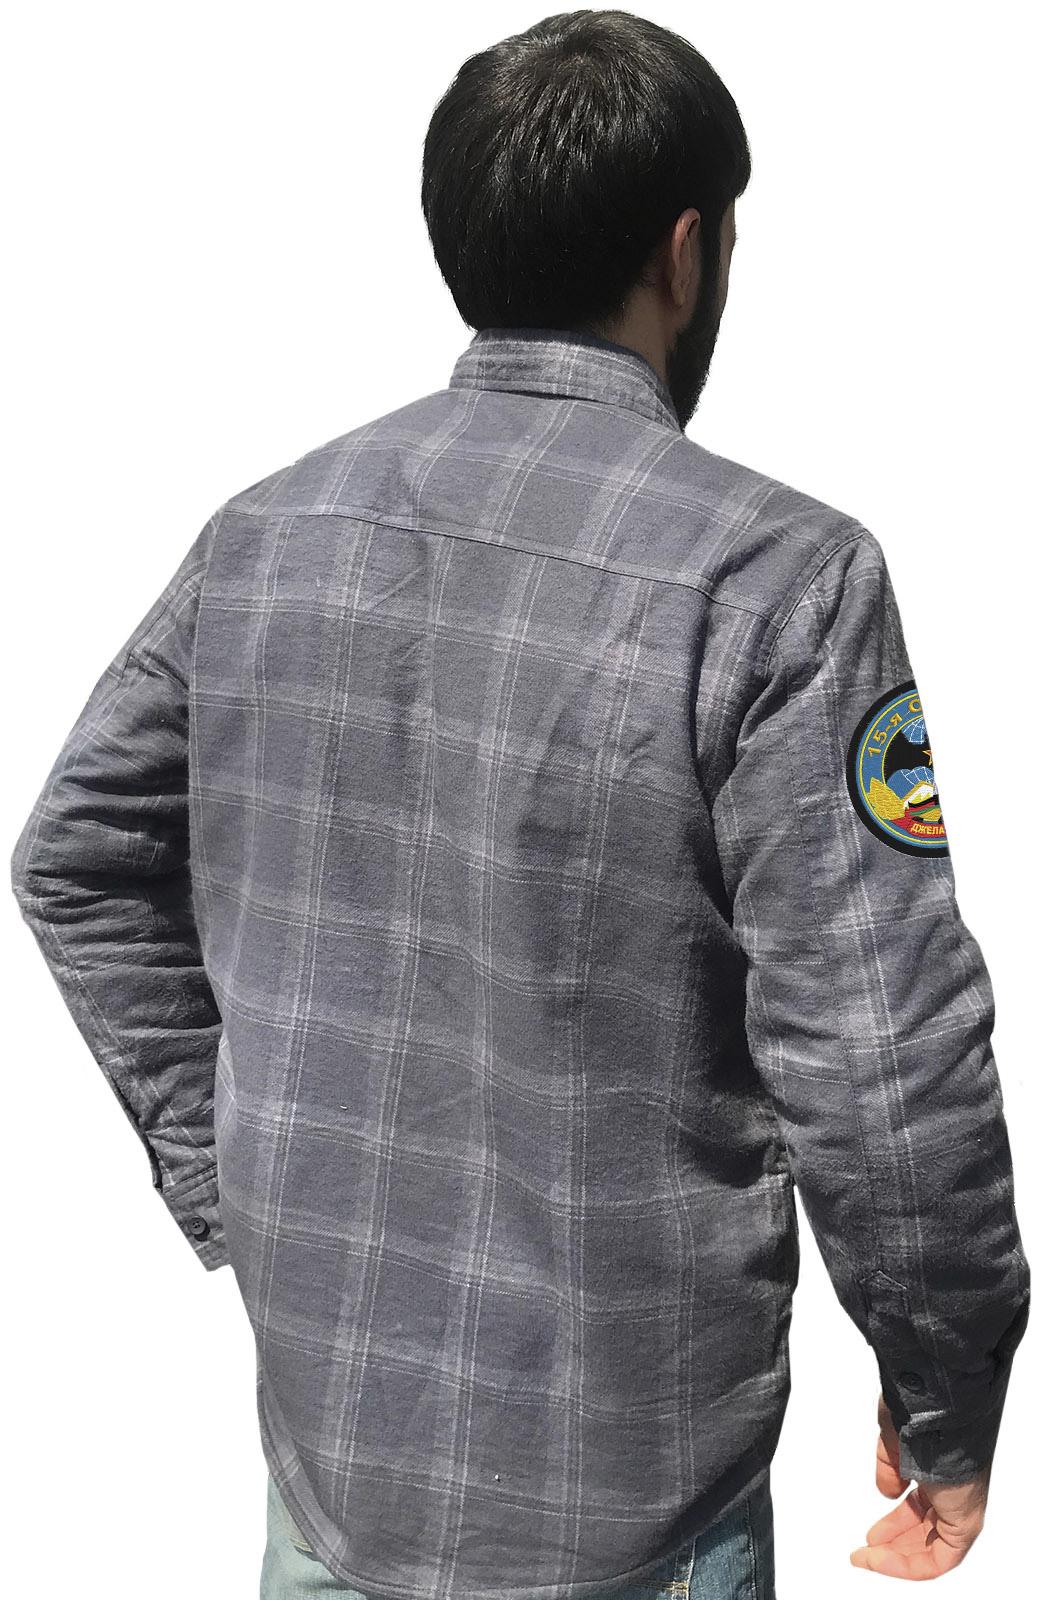 Рубашка с нашивкой СпН ГРУ - 15-я ОБрСПН Джелалабад  заказать по демократичной цене